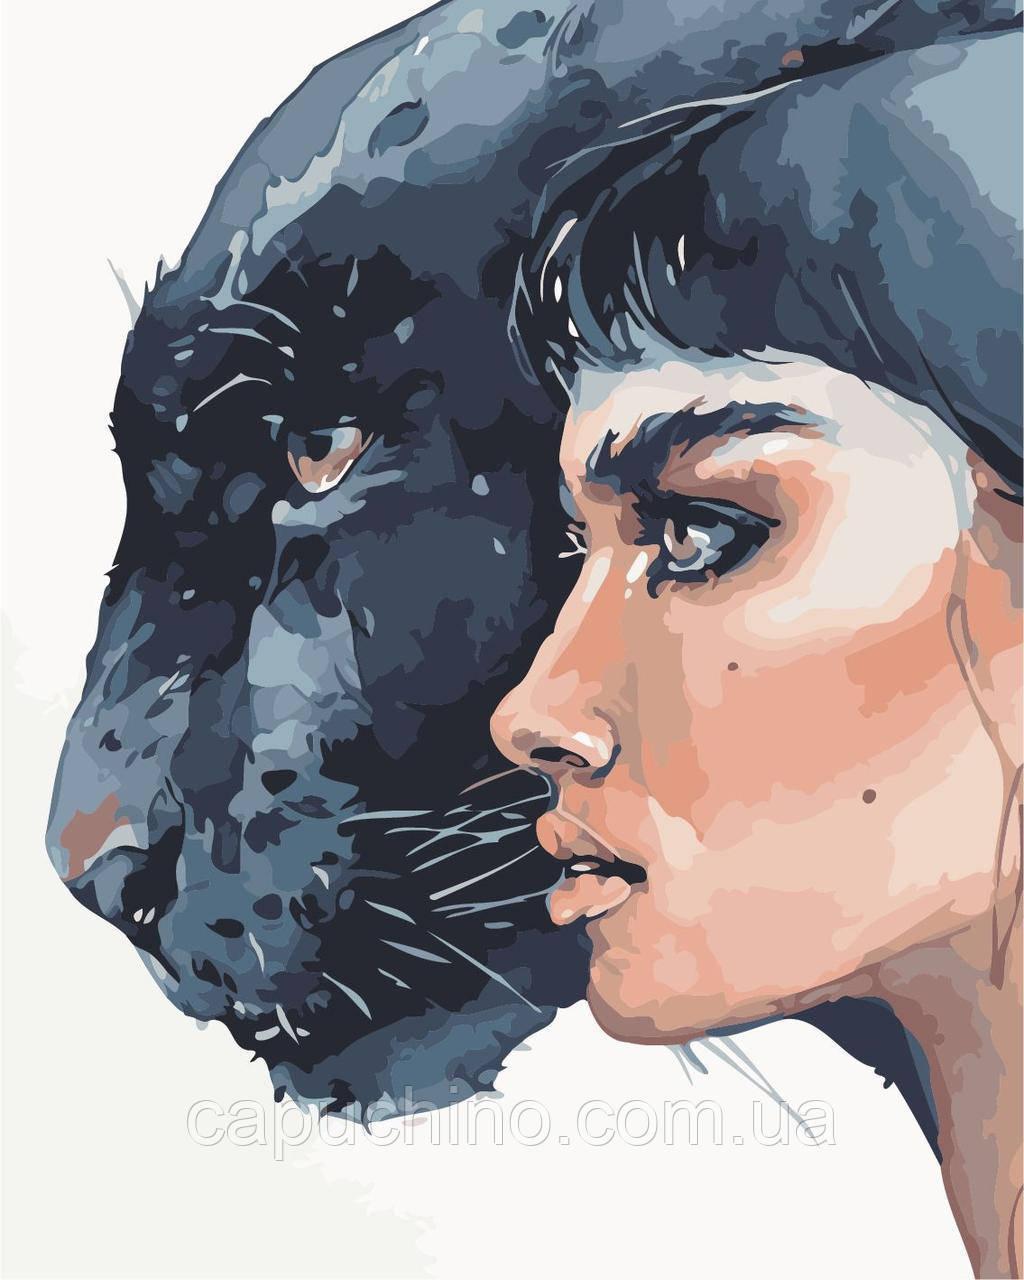 Картина по номерам Дівчина та пантера, 40x50 см., Art Story